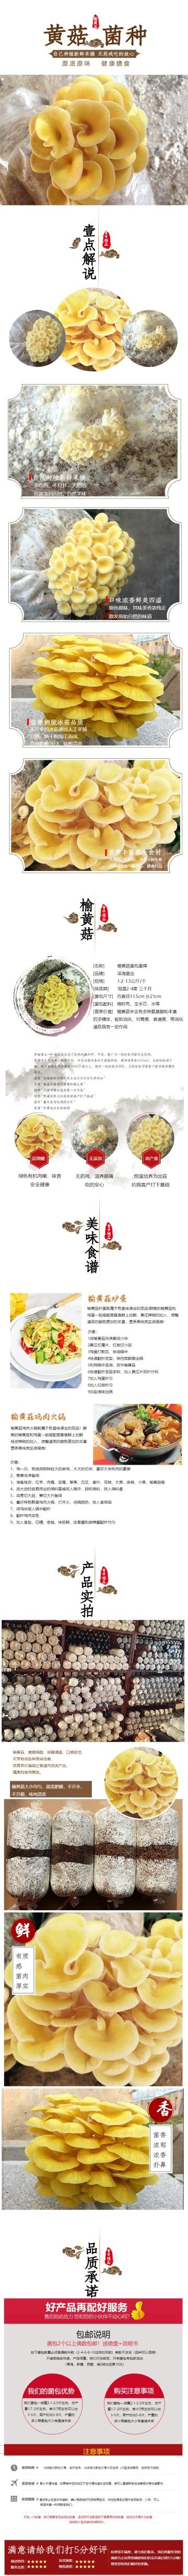 清新简约百货零售干货美食黄菇促销电商详情页